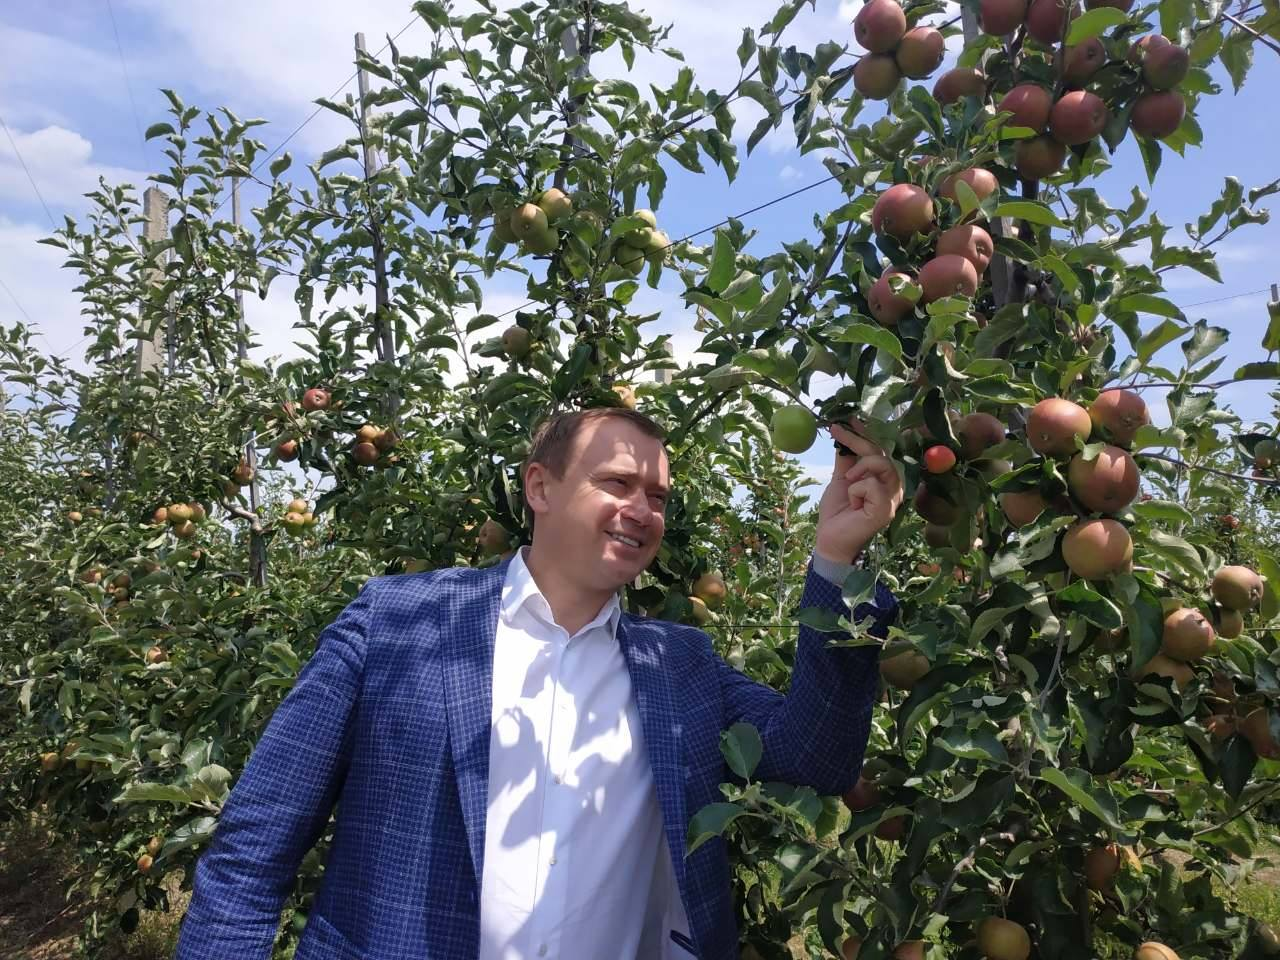 Закарпаття відвідав президент асоціації «Український клуб аграрного бізнесу», генеральний директор аграрної компанії ІМК Алекс Ліссітса.